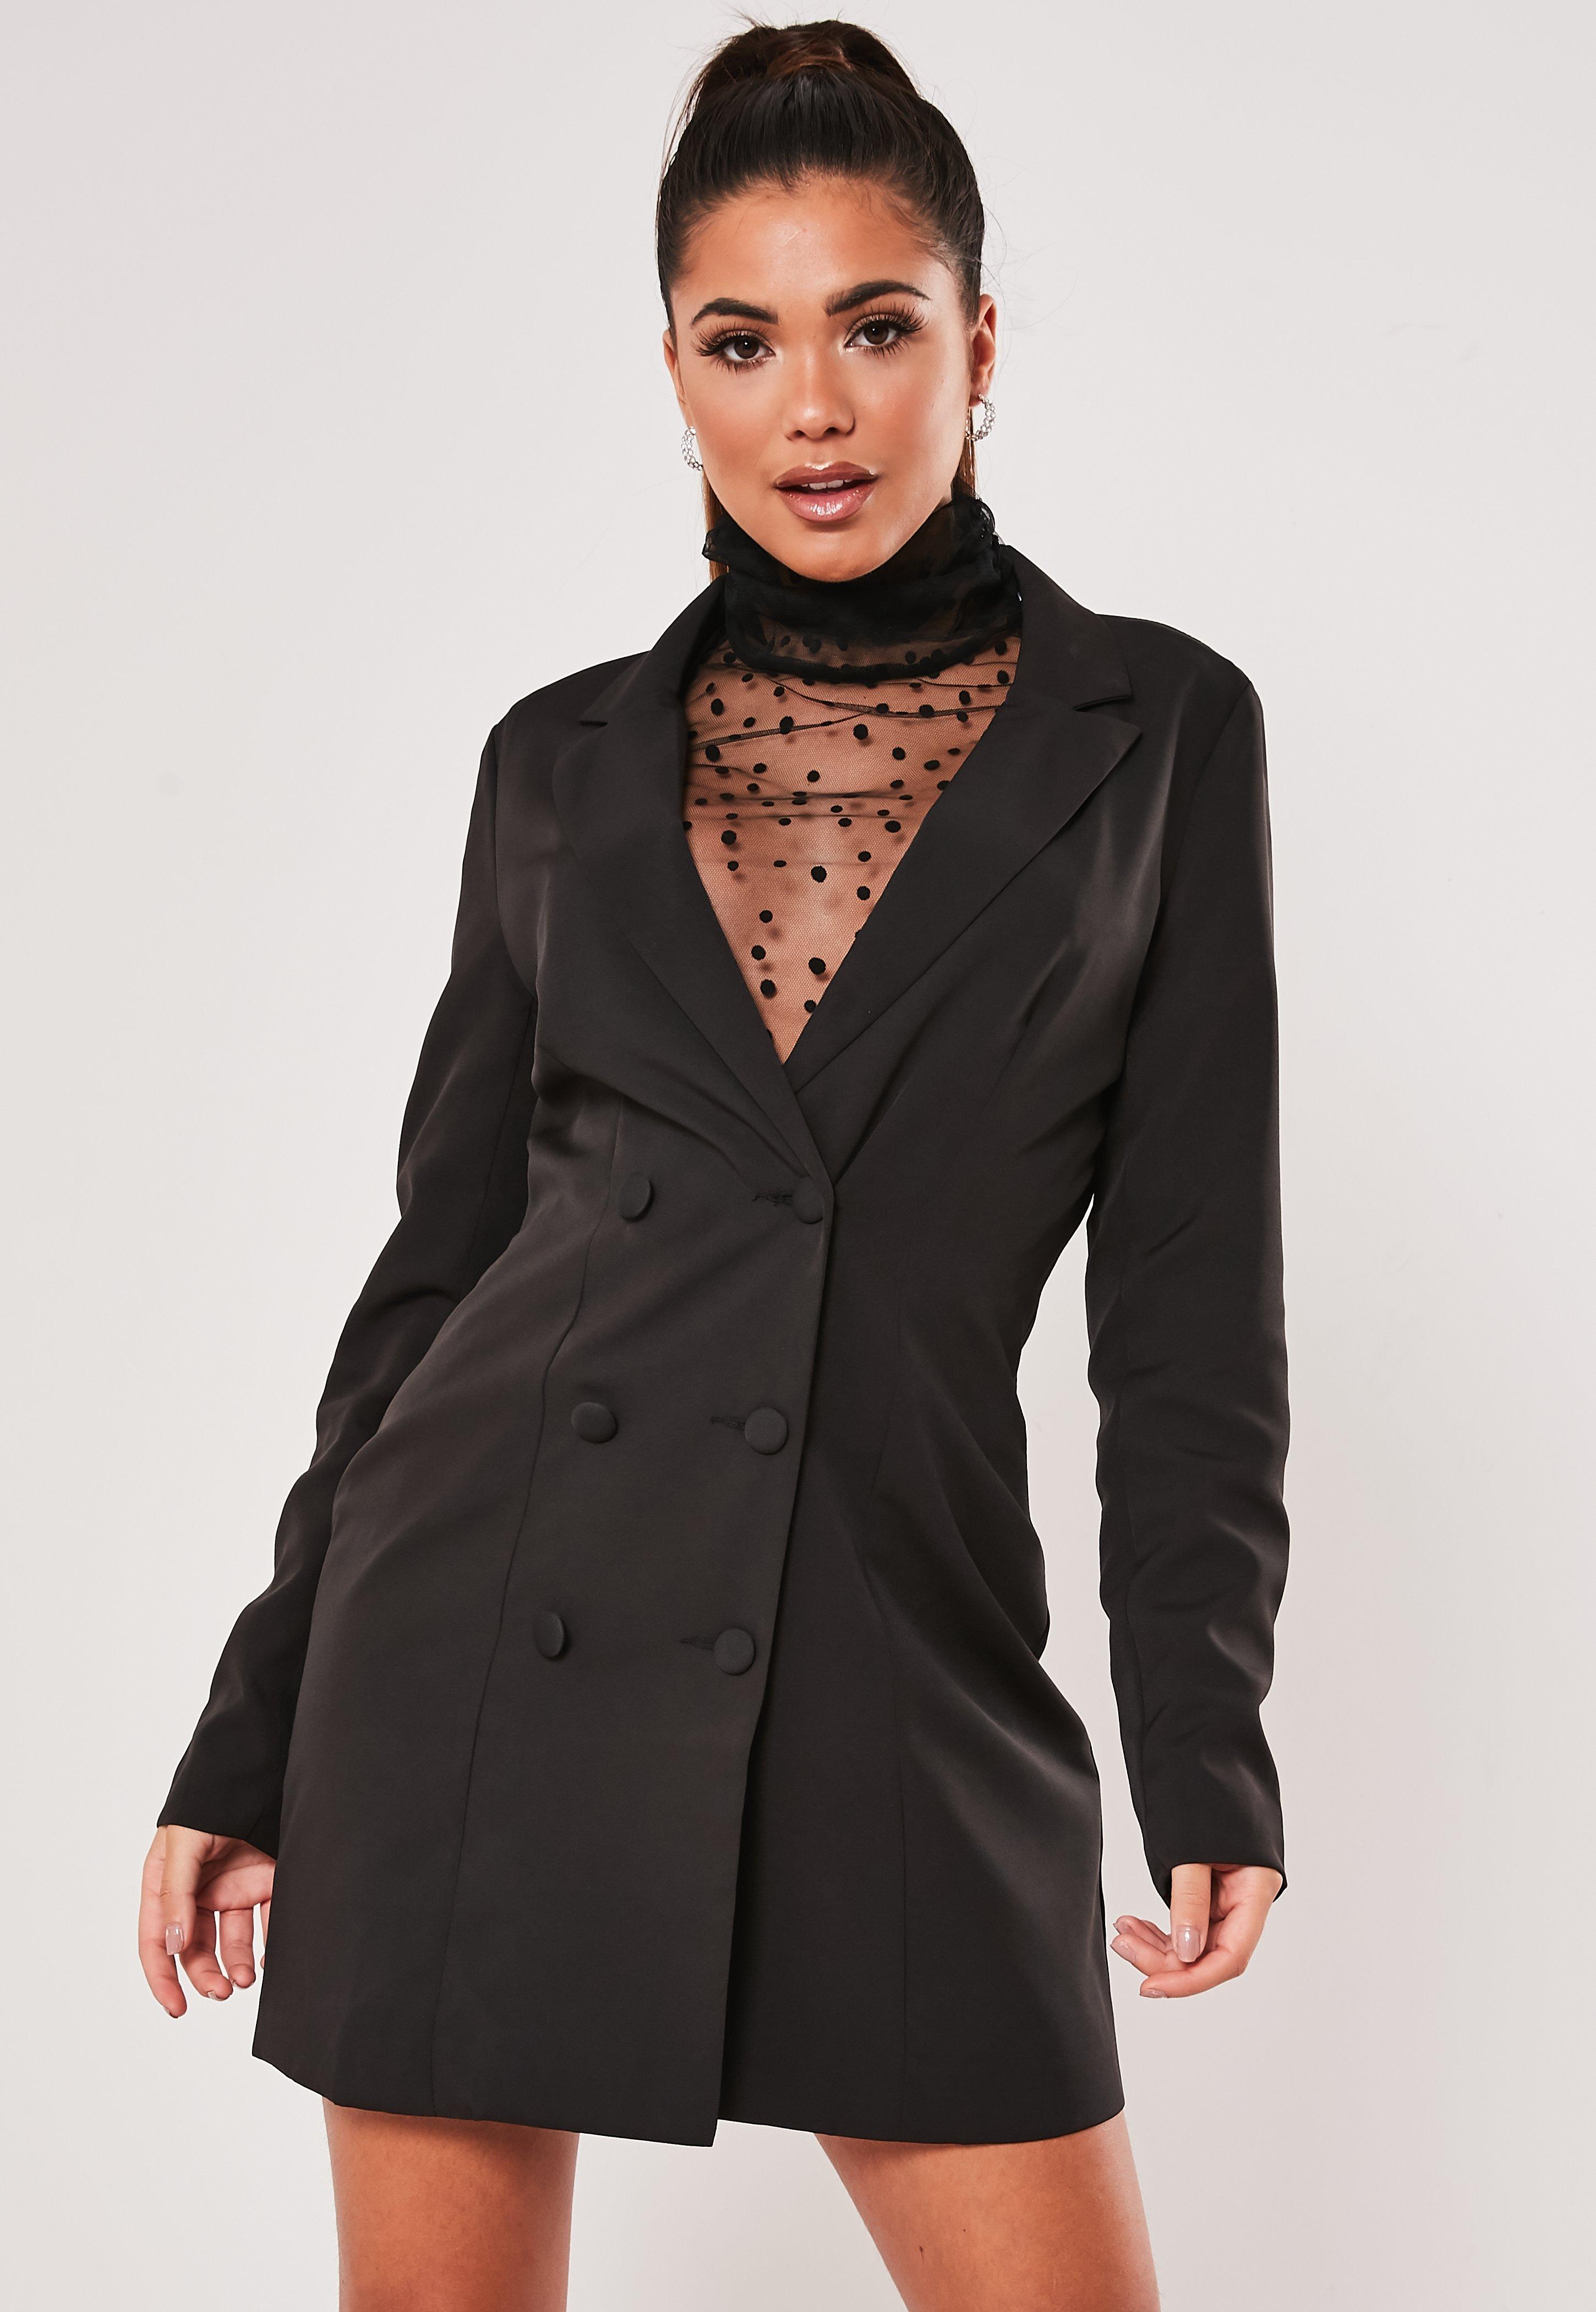 Zweireihiges Mini Blazerkleid mit Mesh Top und hohem Kragen in Schwarz